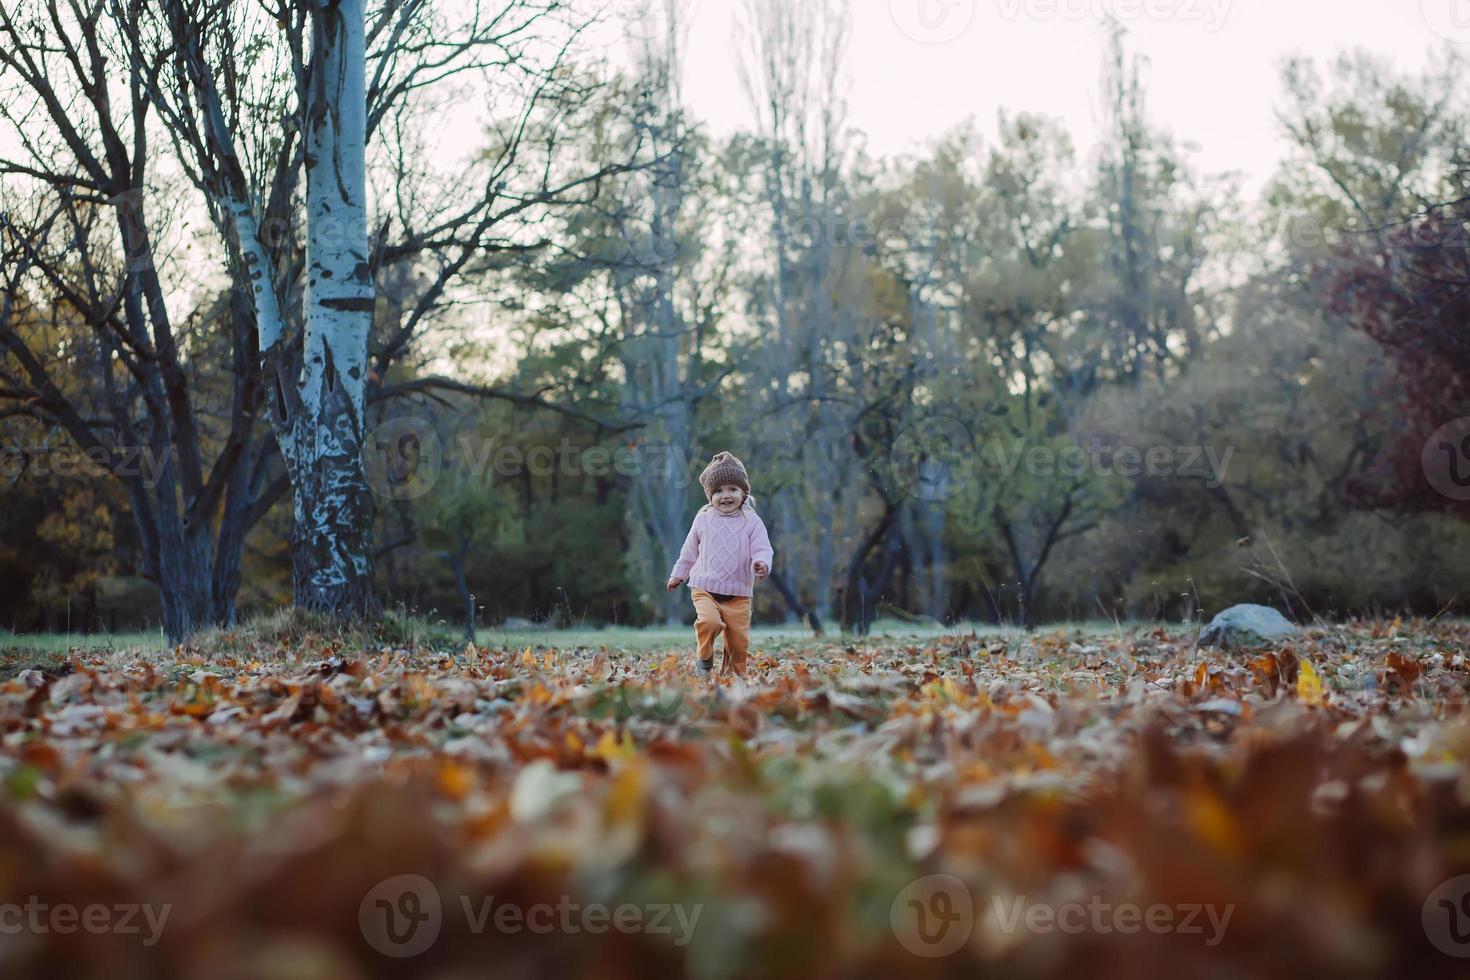 väldigt glad barn som har kul medan du kastar upp löv foto